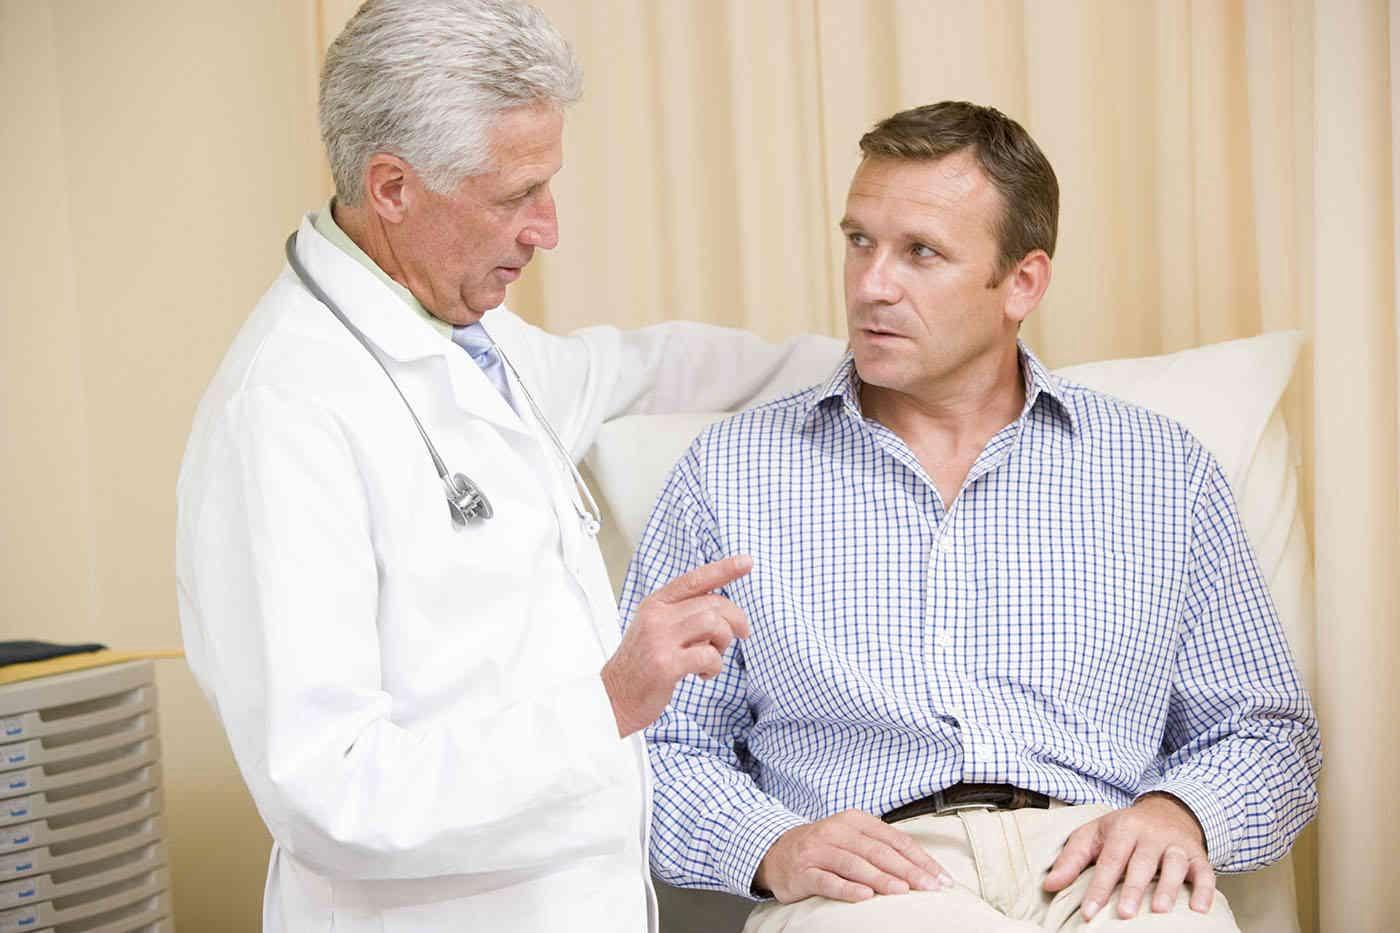 De ce bărbații merg mai rar la medicul de familie?